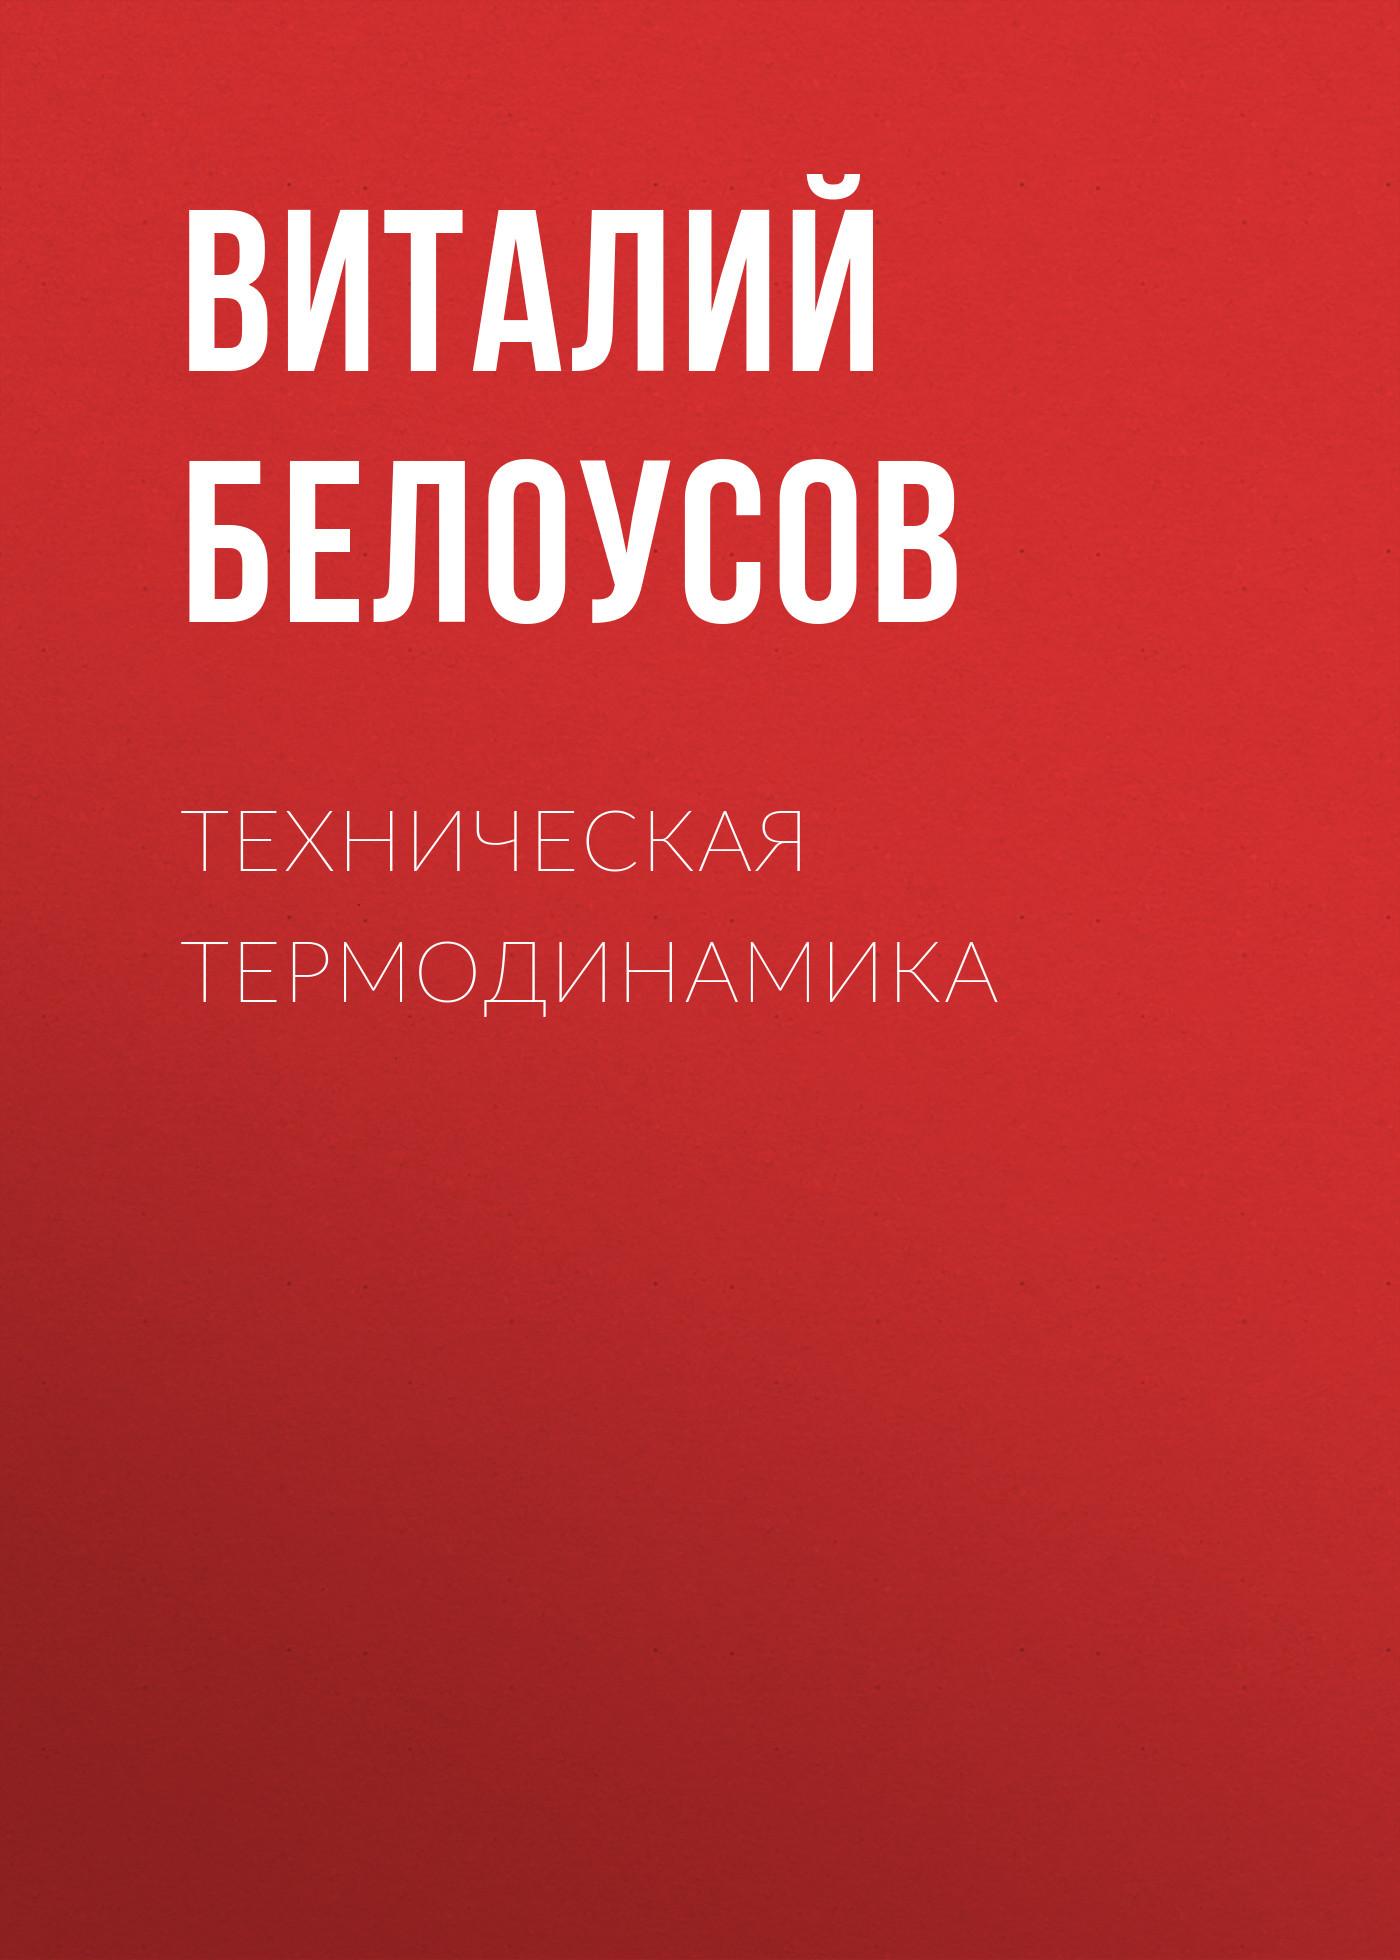 Виталий Белоусов Техническая термодинамика автохимия техническая